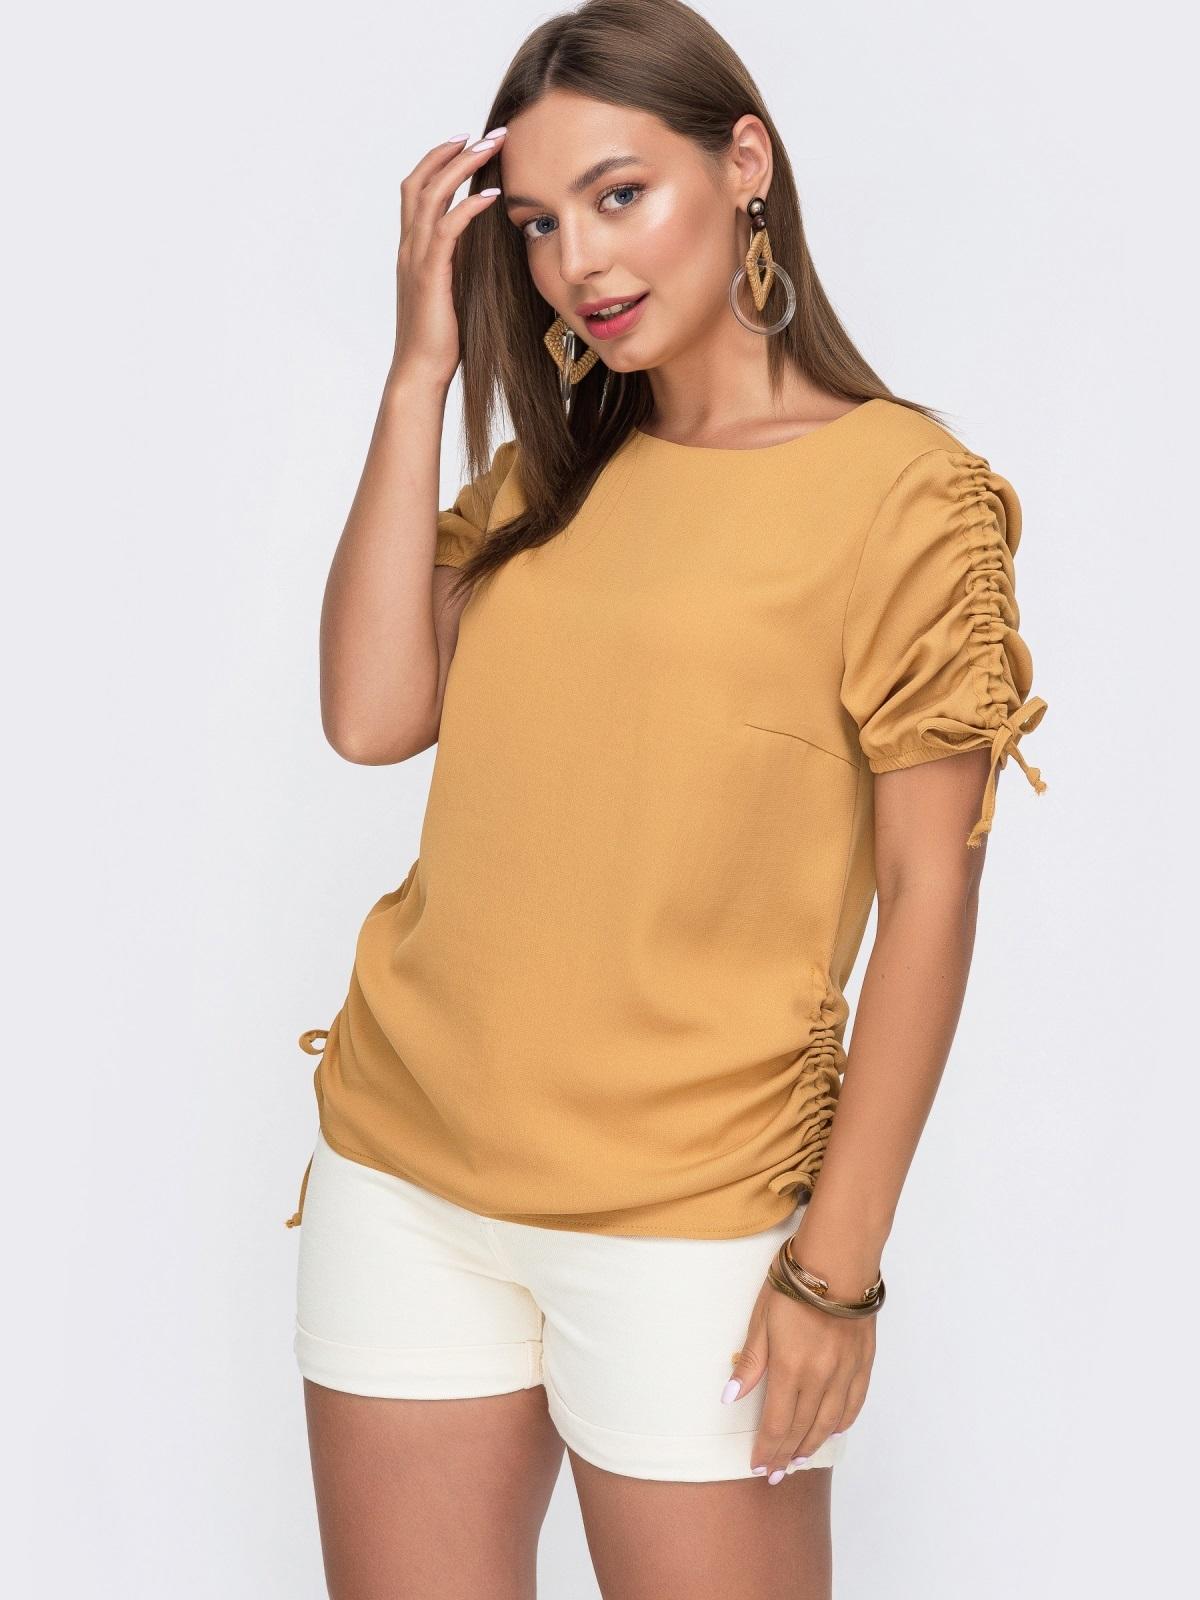 Желтая блузка прямого кроя с кулиской по бокам 49115, фото 1